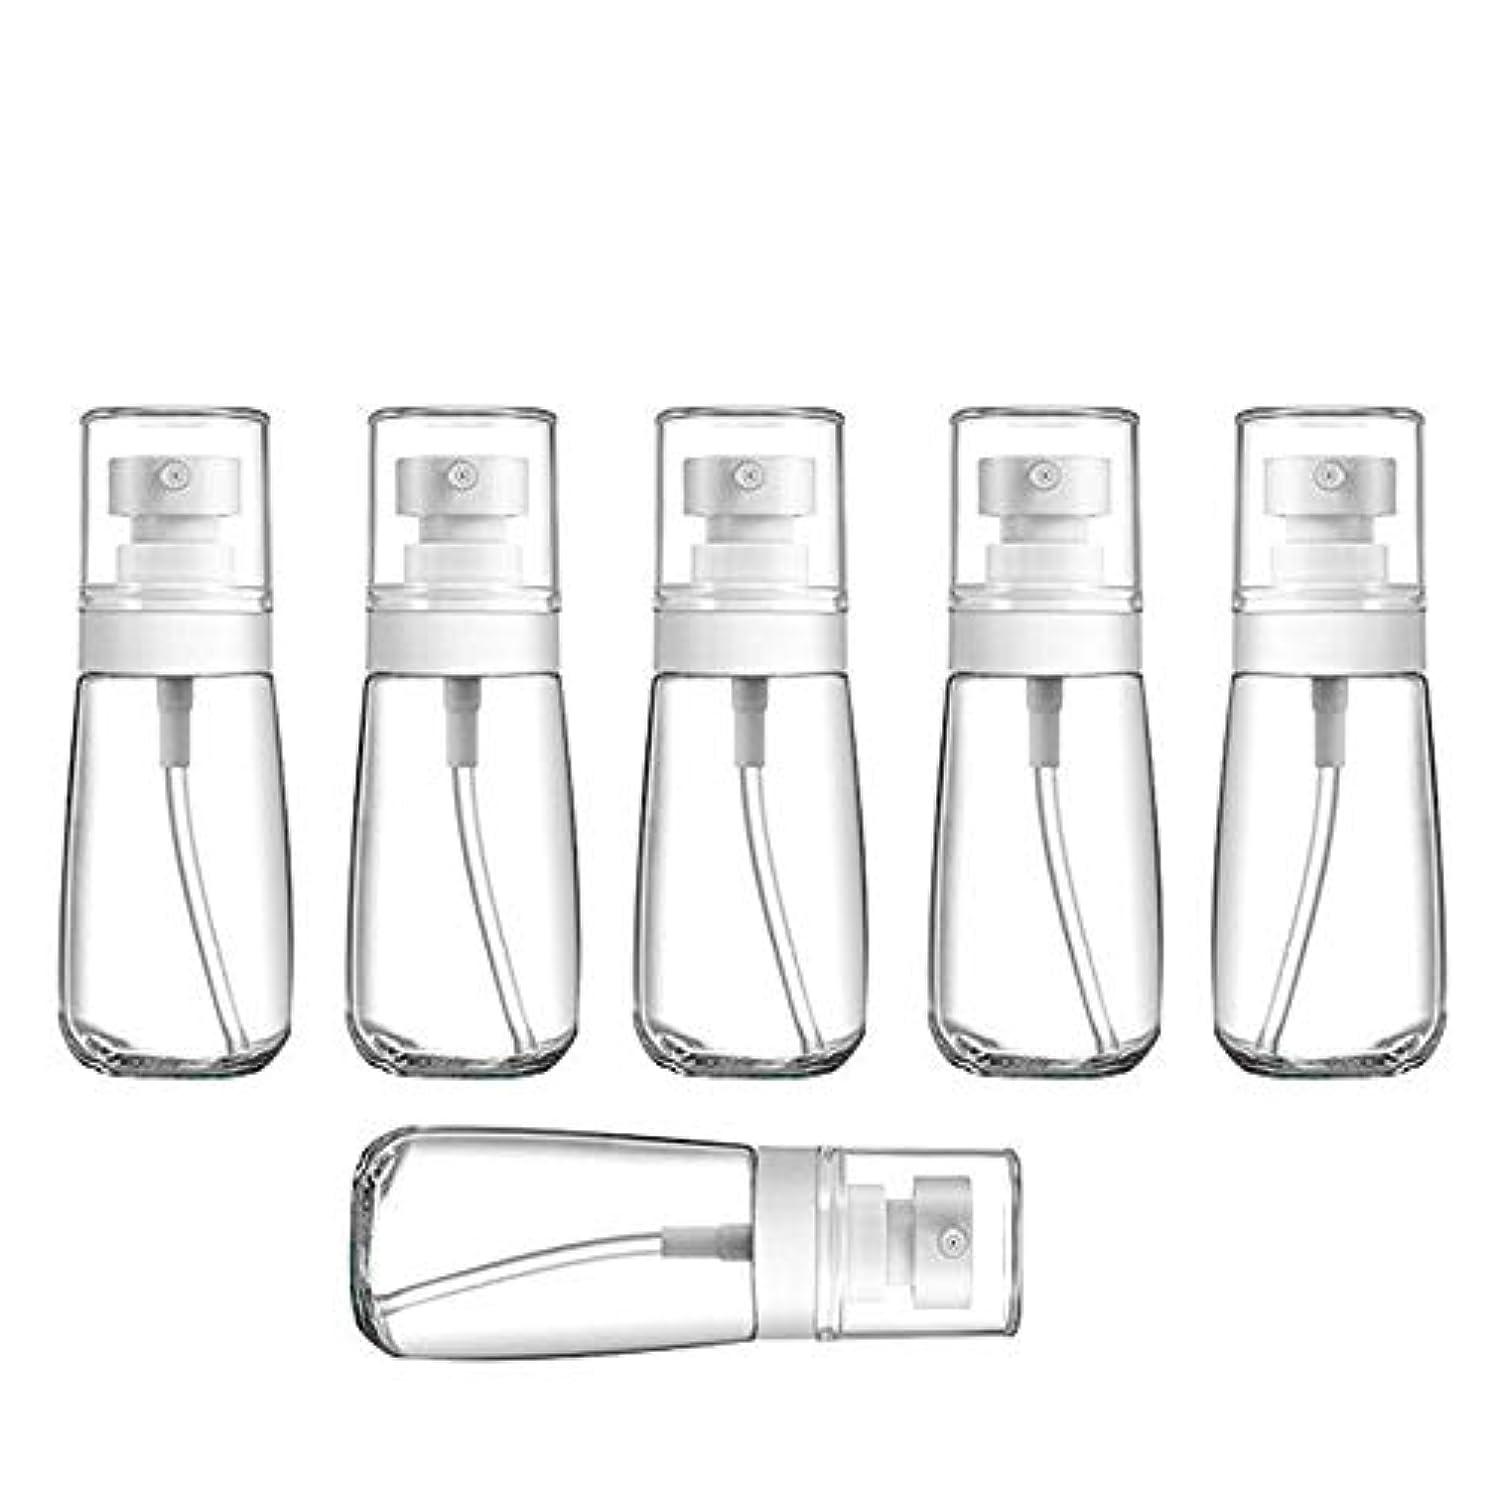 思いやりのある助けてオペラYXC 良質の PETG小分けボトル トラベルボトル スプレーボトル 家に清潔消毒 緑の植物に水遣る 6本セット 日本小スプレーボトル 化粧水 詰替用ボトル 旅行用品 (60ML6本)